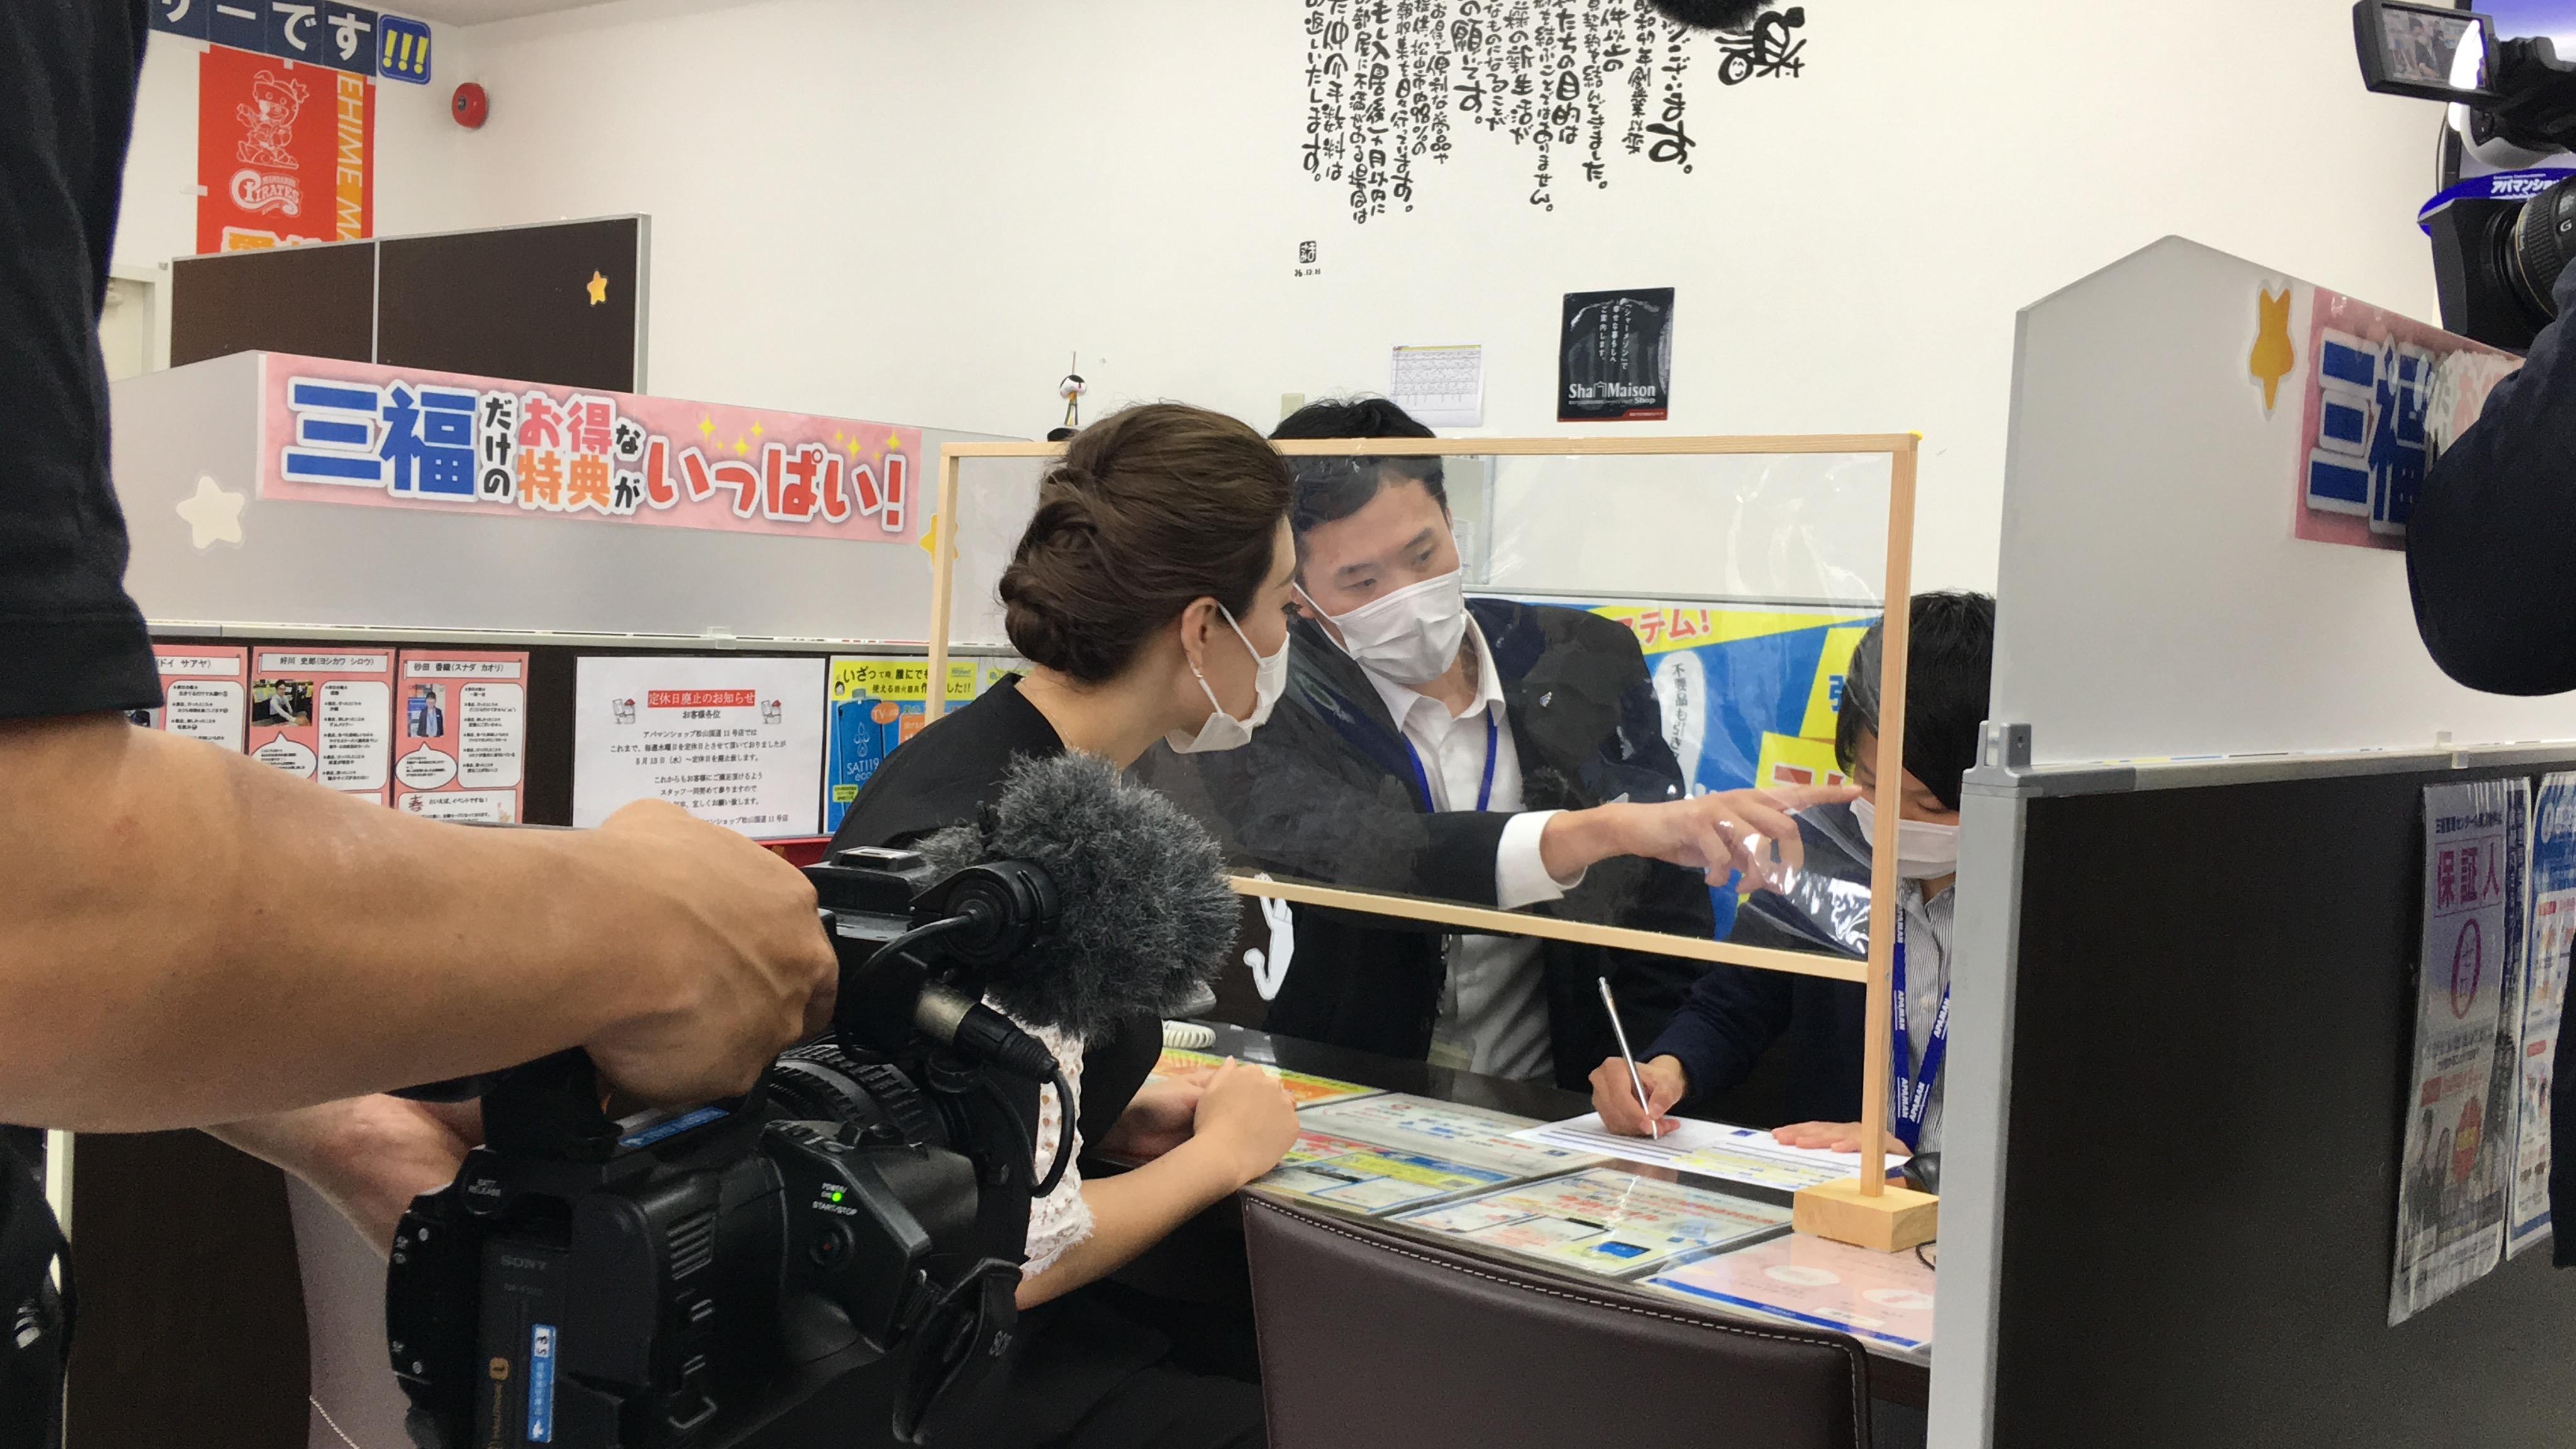 あいテレビ「ヒメラバ」に三福社宅サービス社員が出演